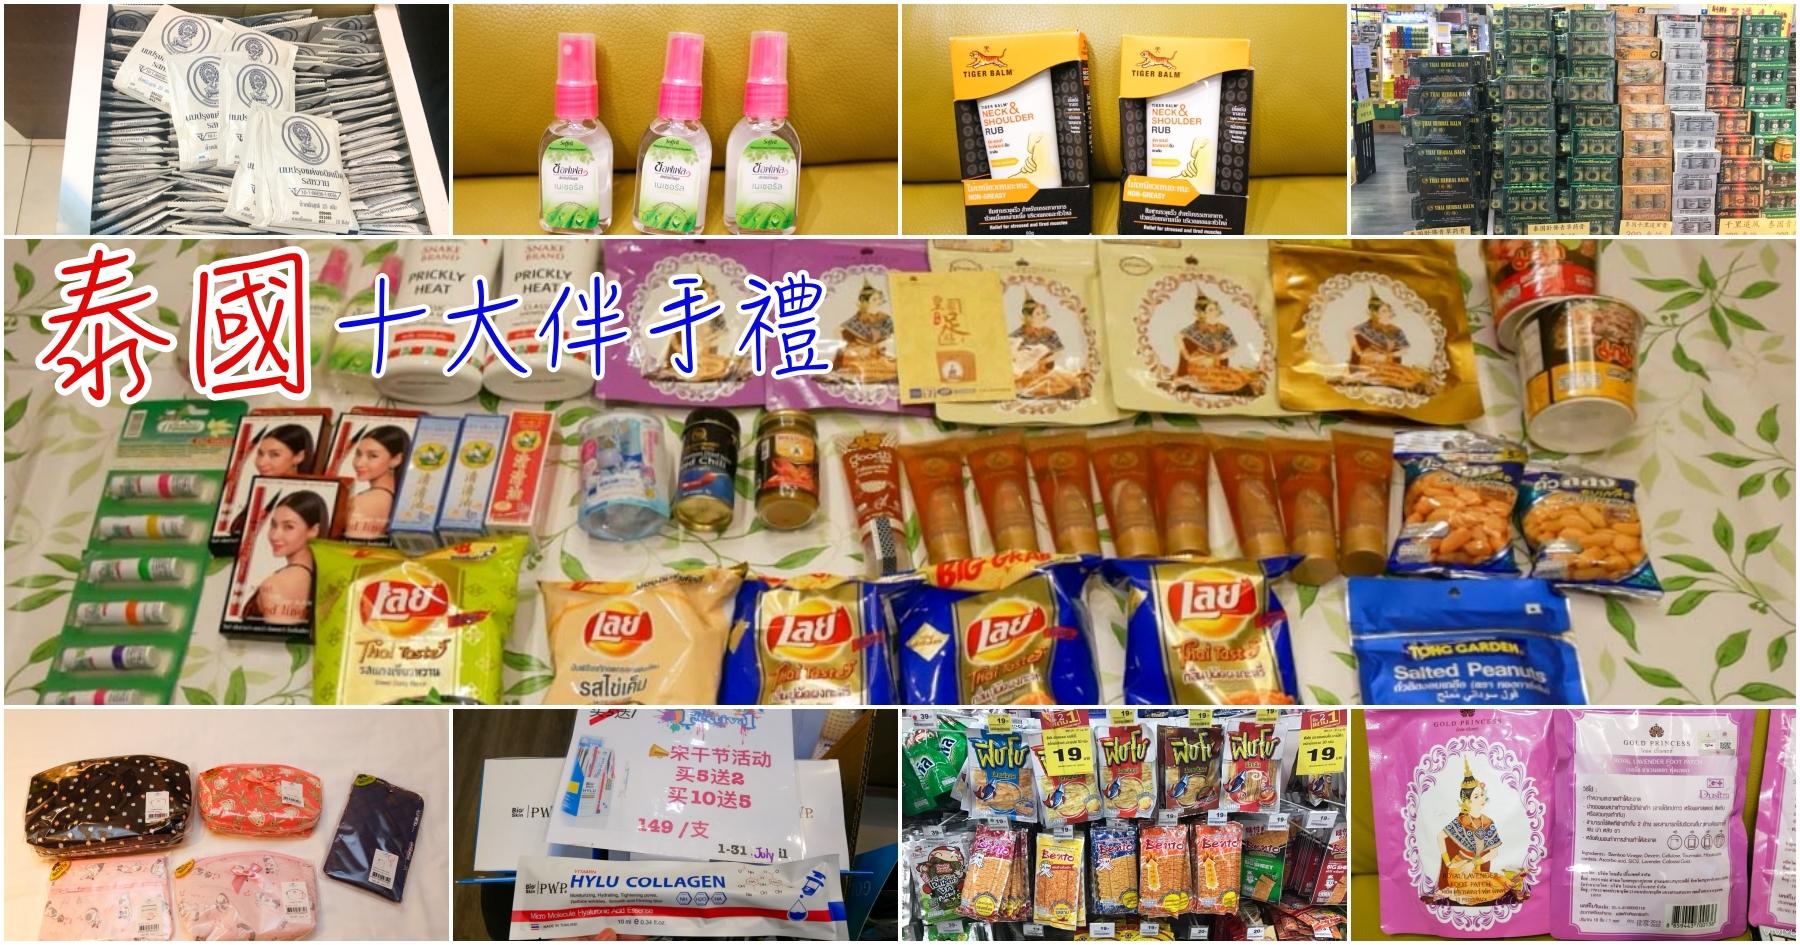 [泰國購物]泰國十大伴手禮|泰國必買彩妝、零食、名產購物清單伴手禮~採買地點SHA認證(文末抽獎) @VIVIYU小世界